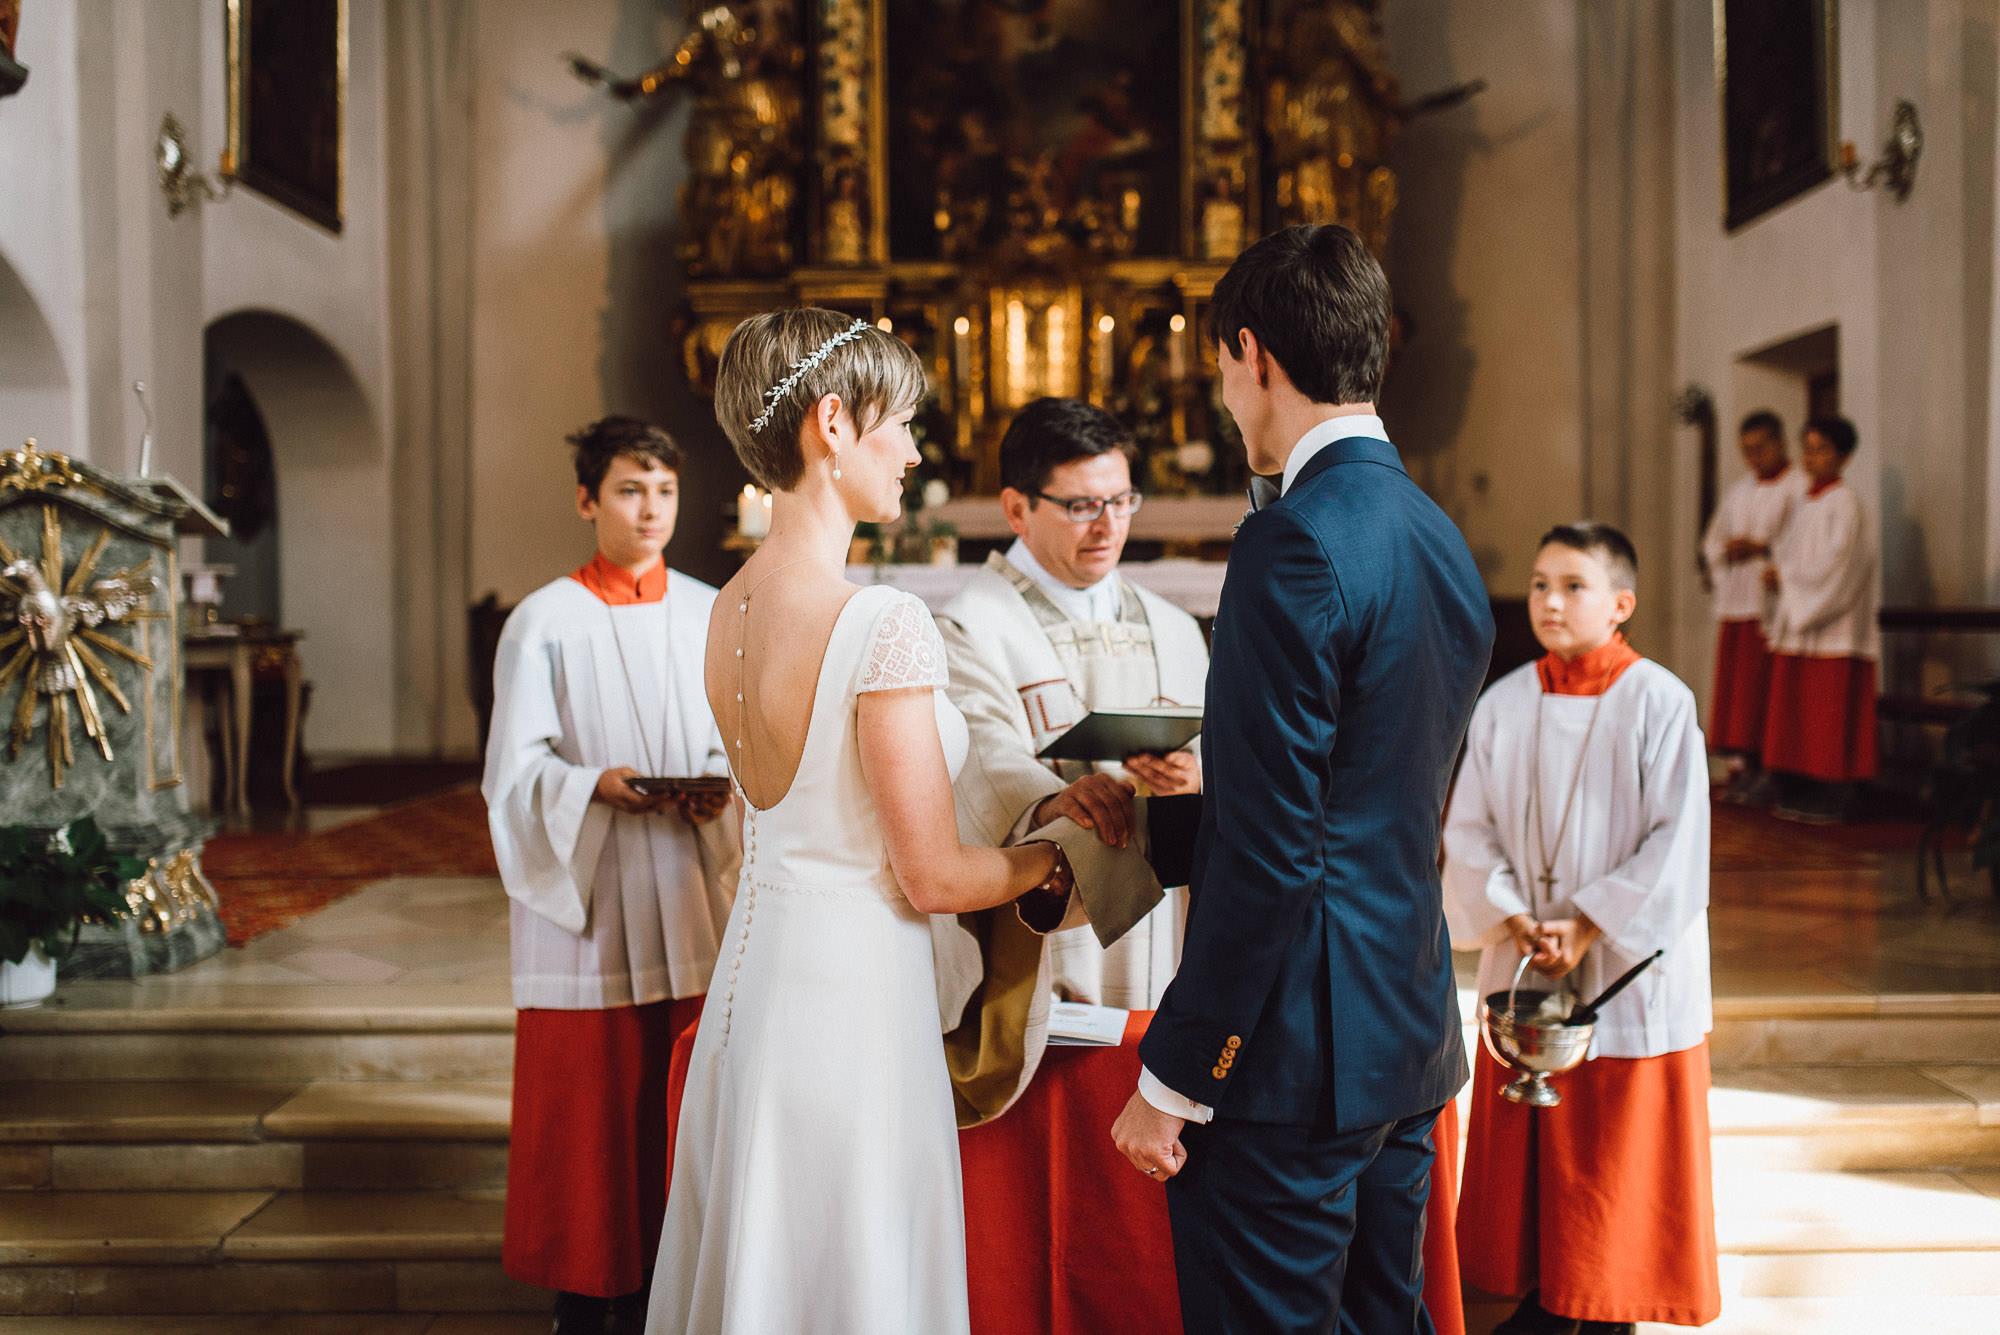 greenery-wedding-hochzeit-prielhof-sukkulenten-scheyern-lauraelenaphotography-048